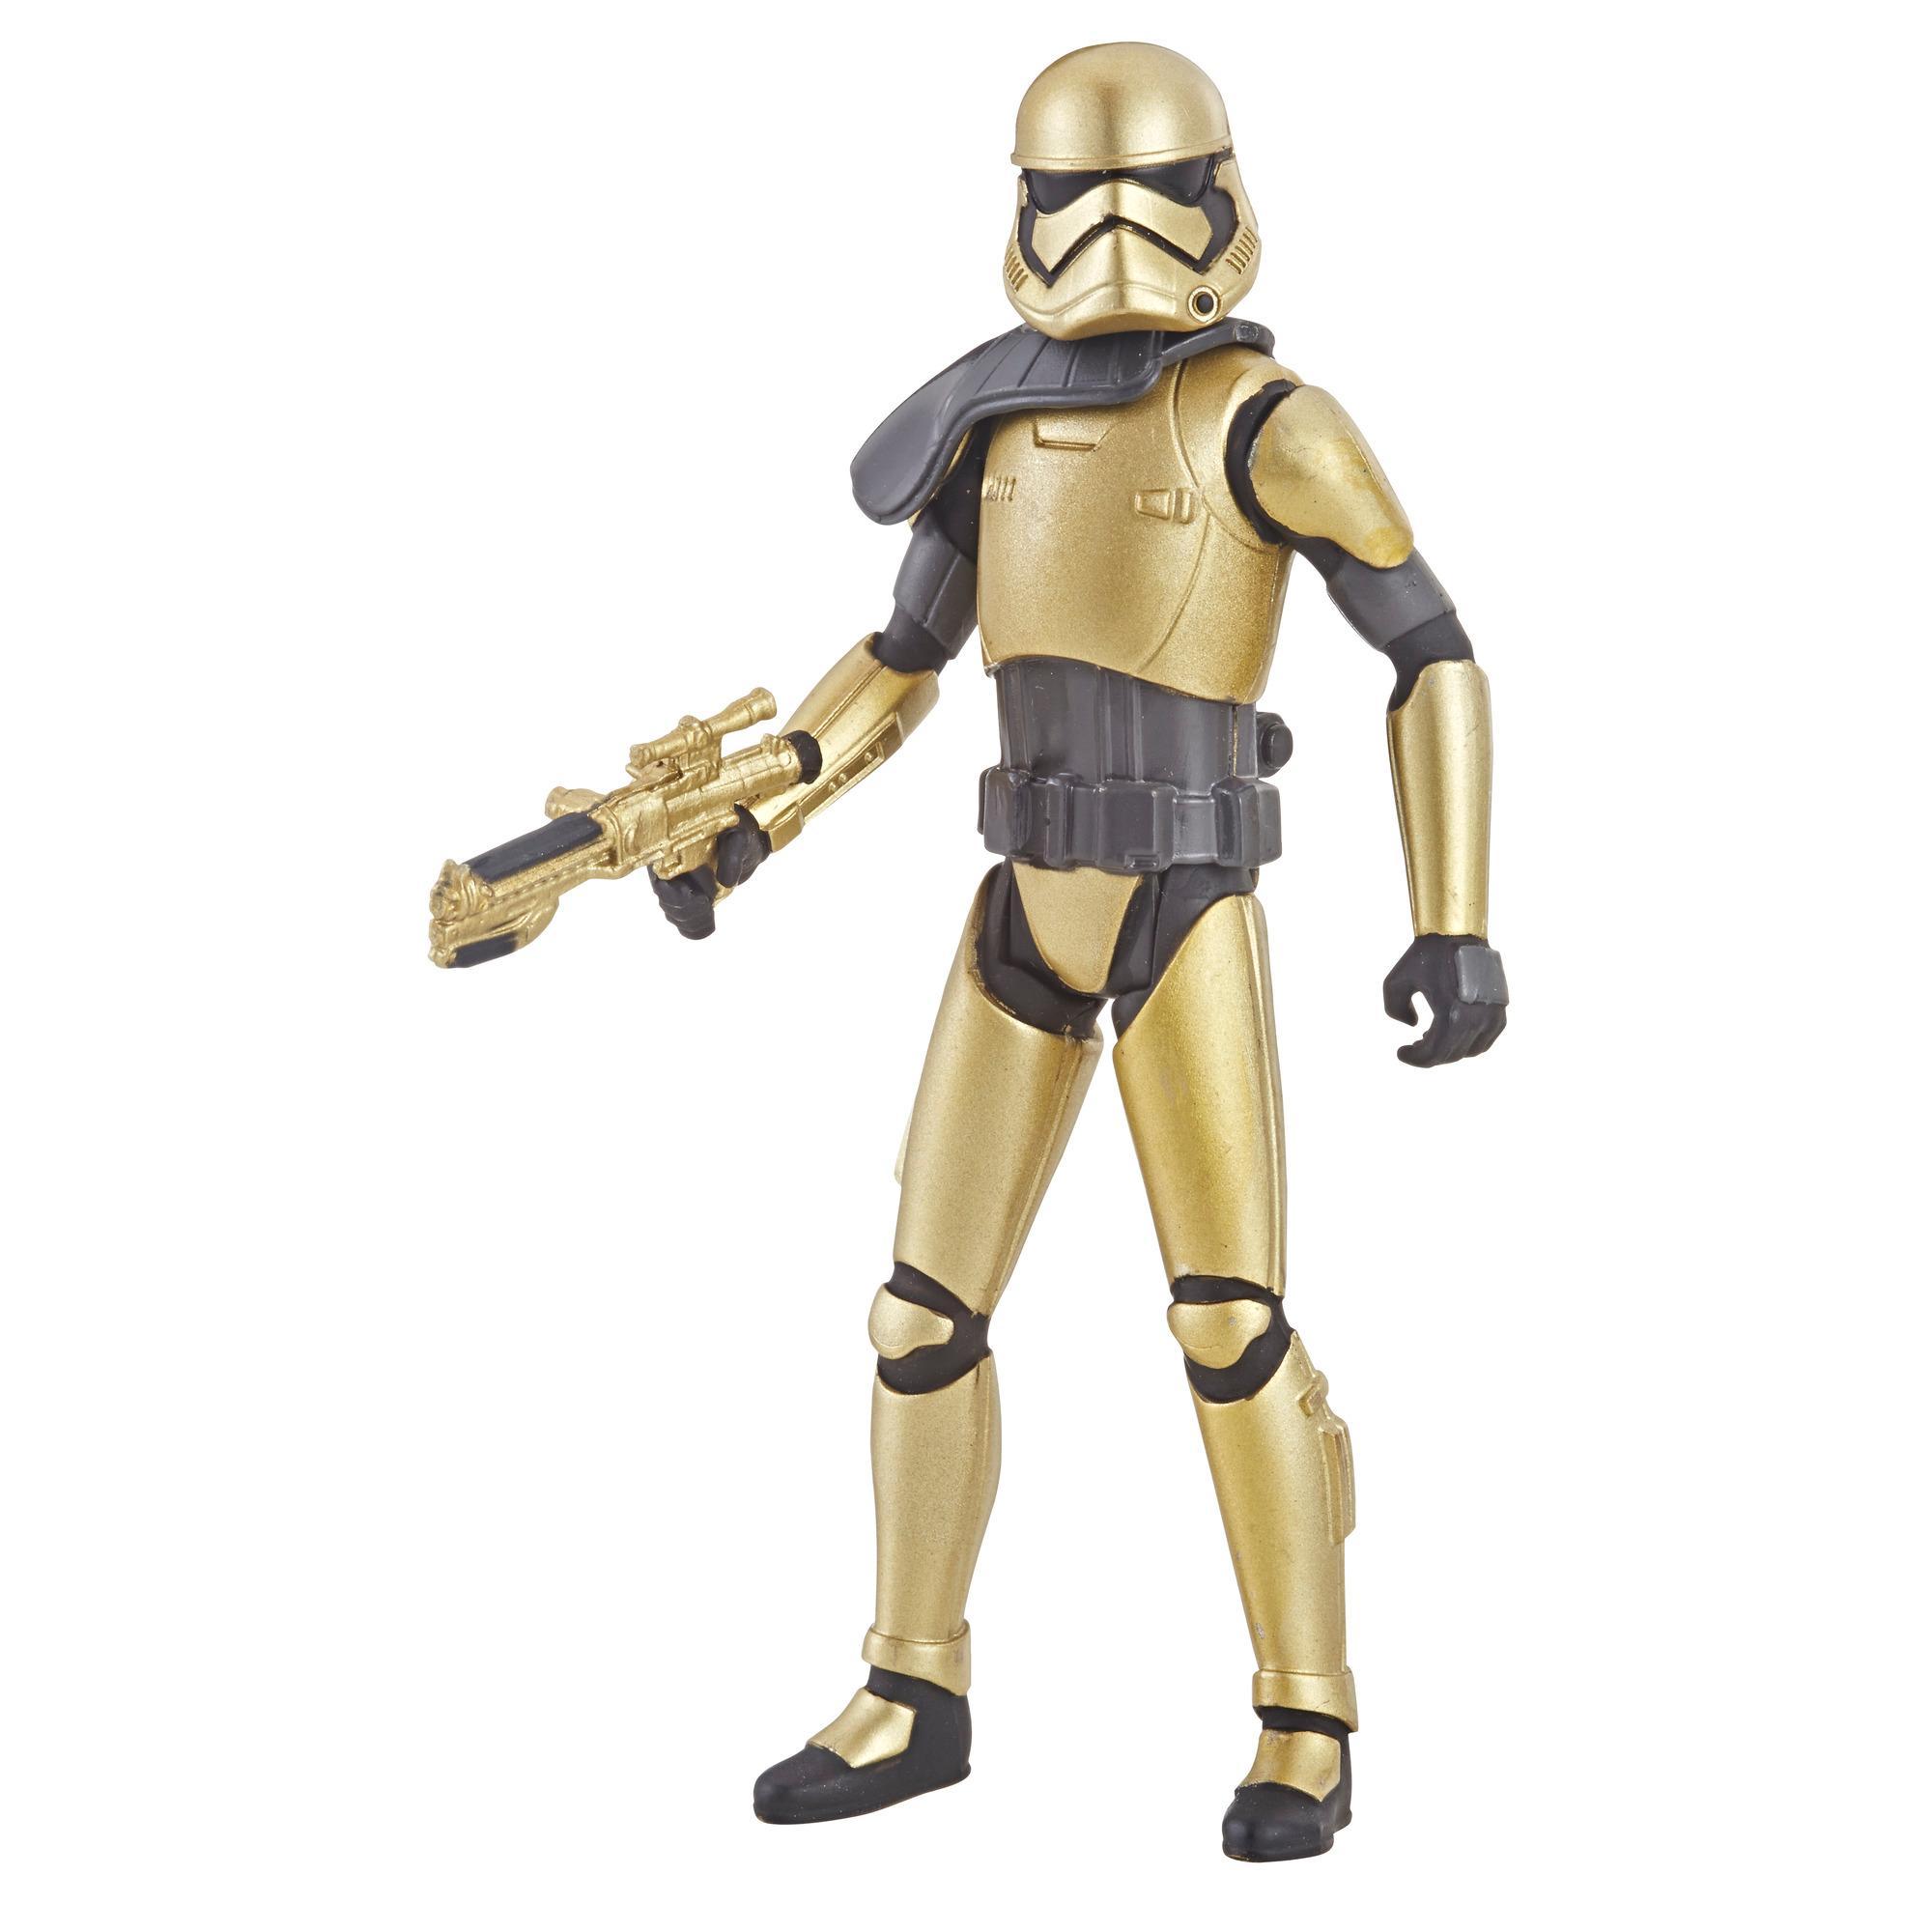 Star Wars Série animée Star Wars: Resistance - Figurine du commandant Pyre de 9,5 cm